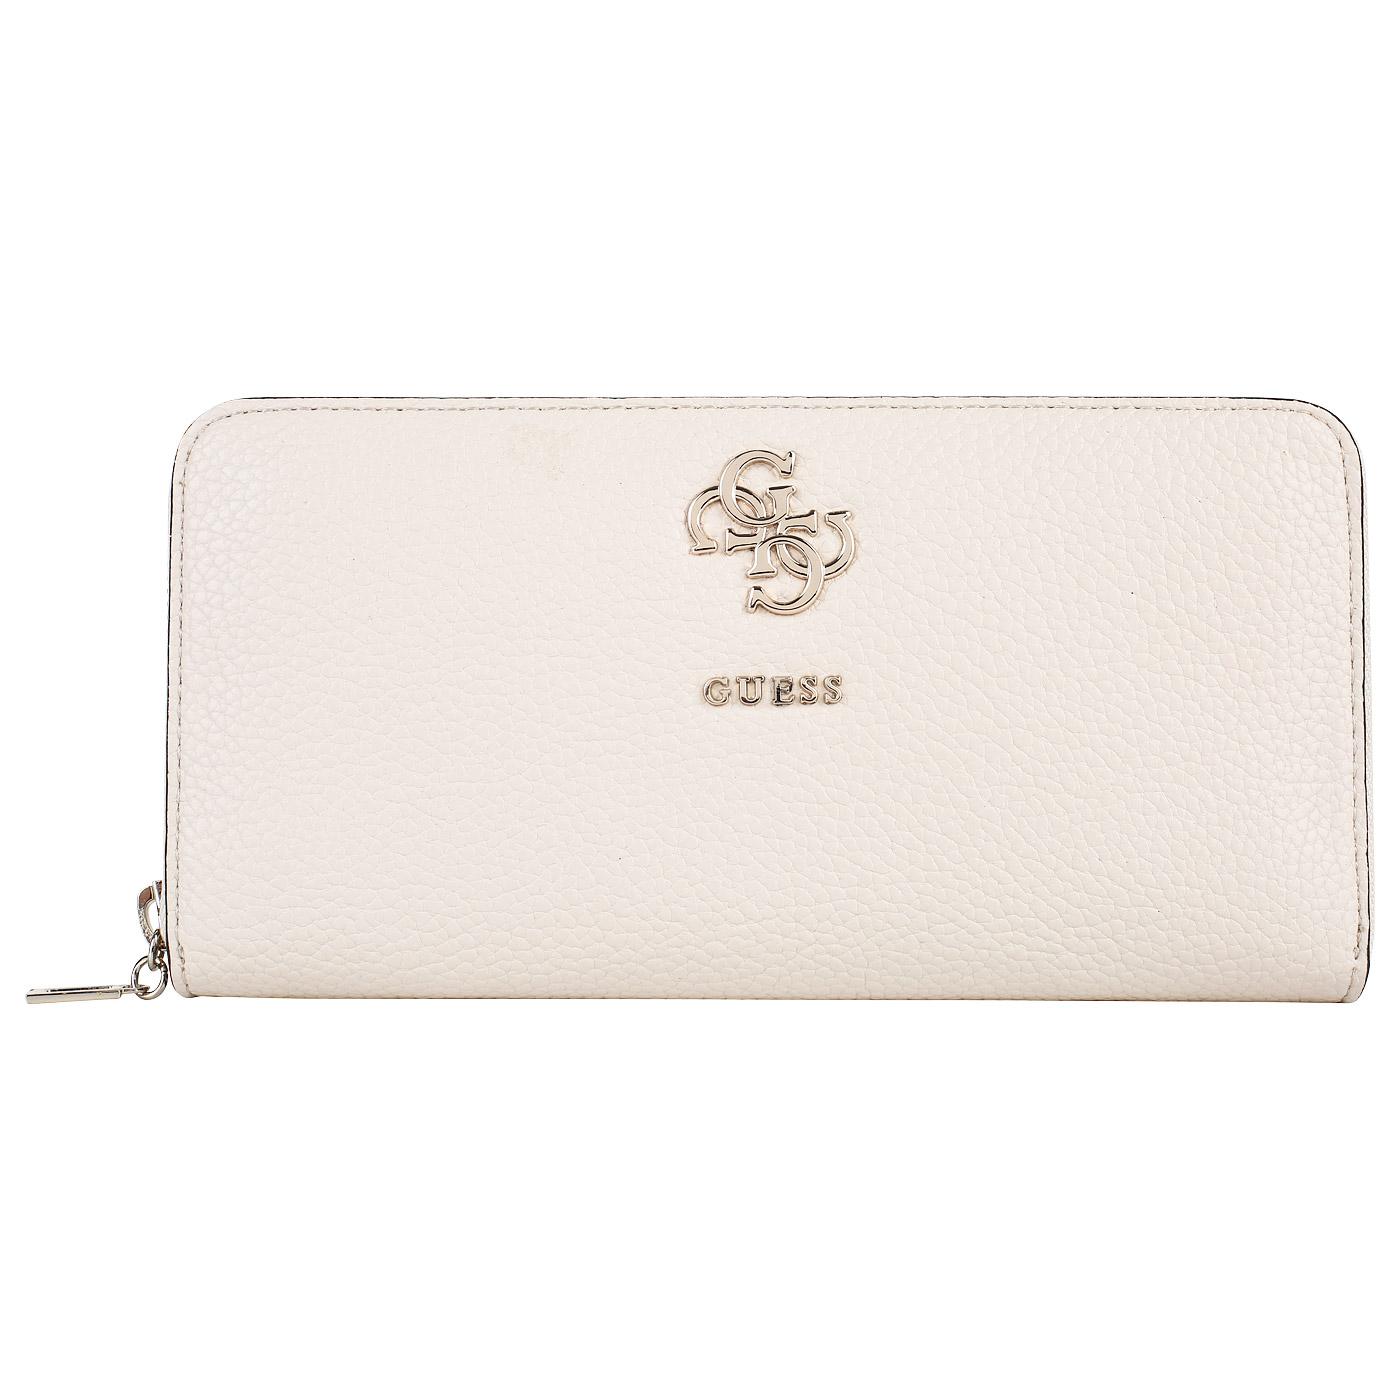 190930dd6407 Женское портмоне с ремешком на запястье Guess Dania SWVG69 ...